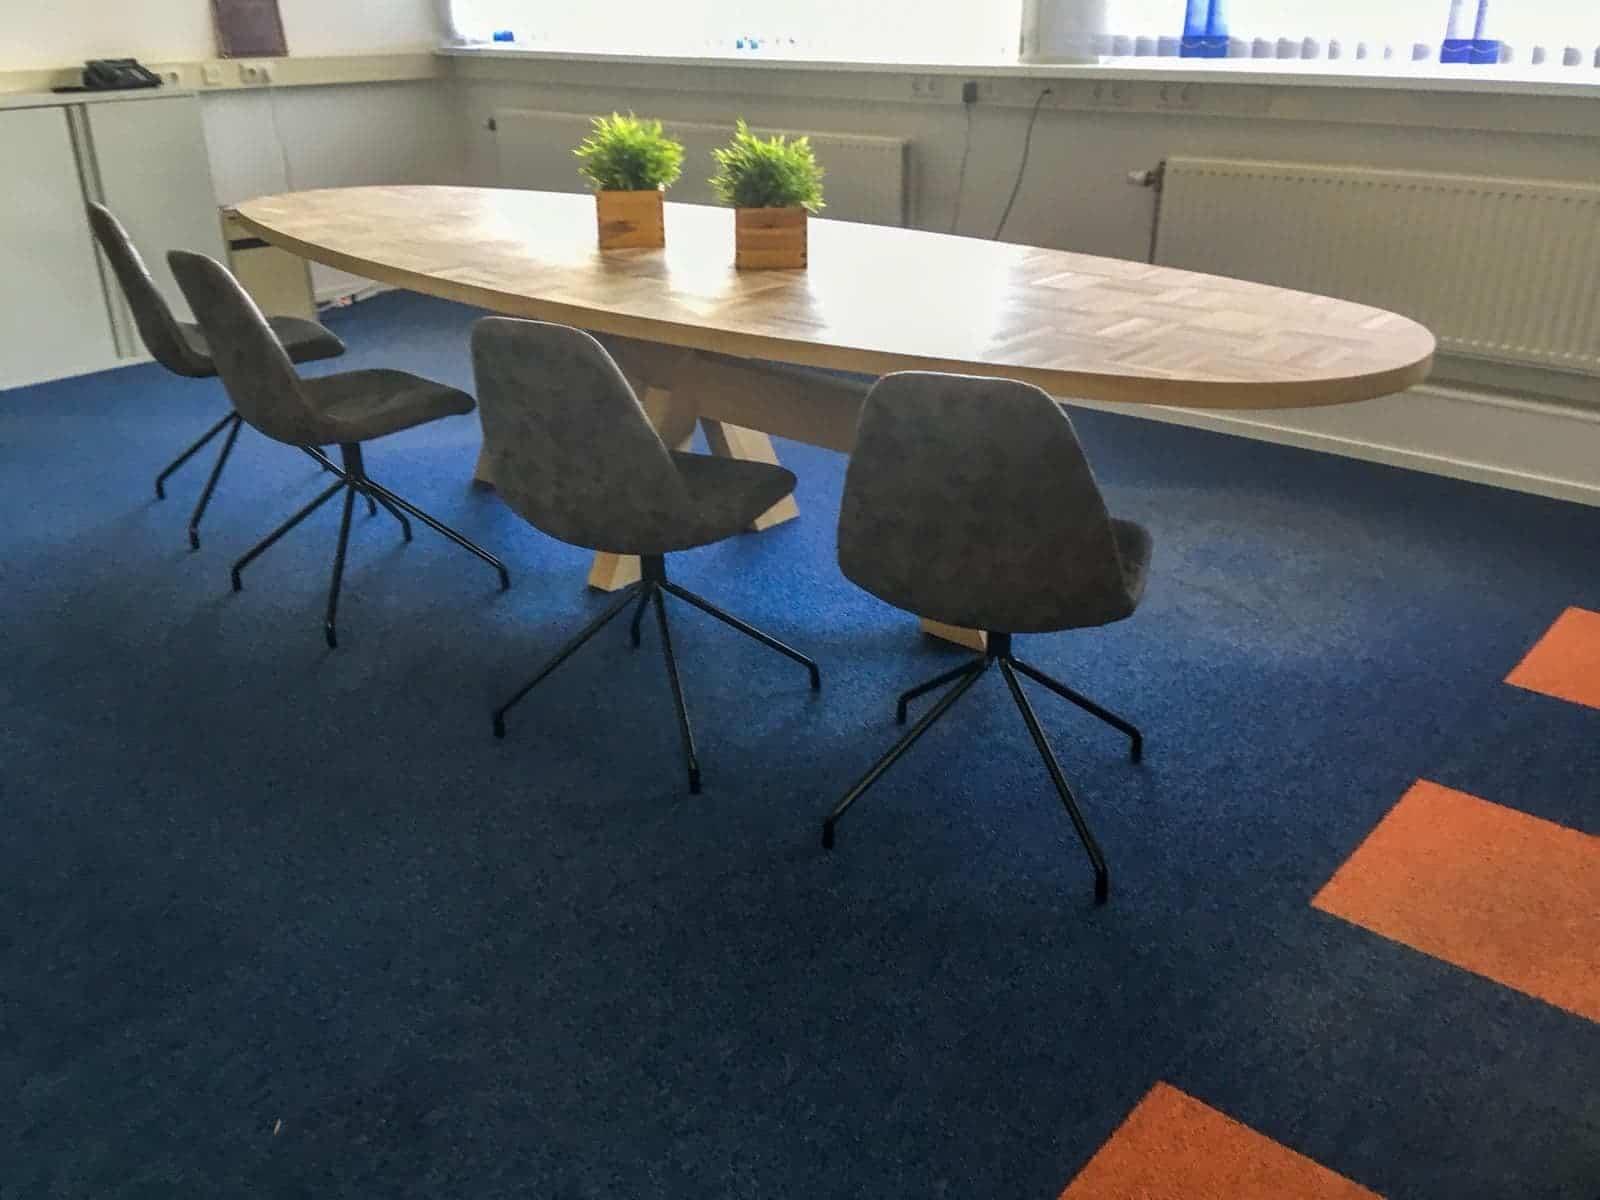 Massief eiken houten eikenhouten rechte rechthoek eetkamer keuken tafel tafels design jeroenJacobs